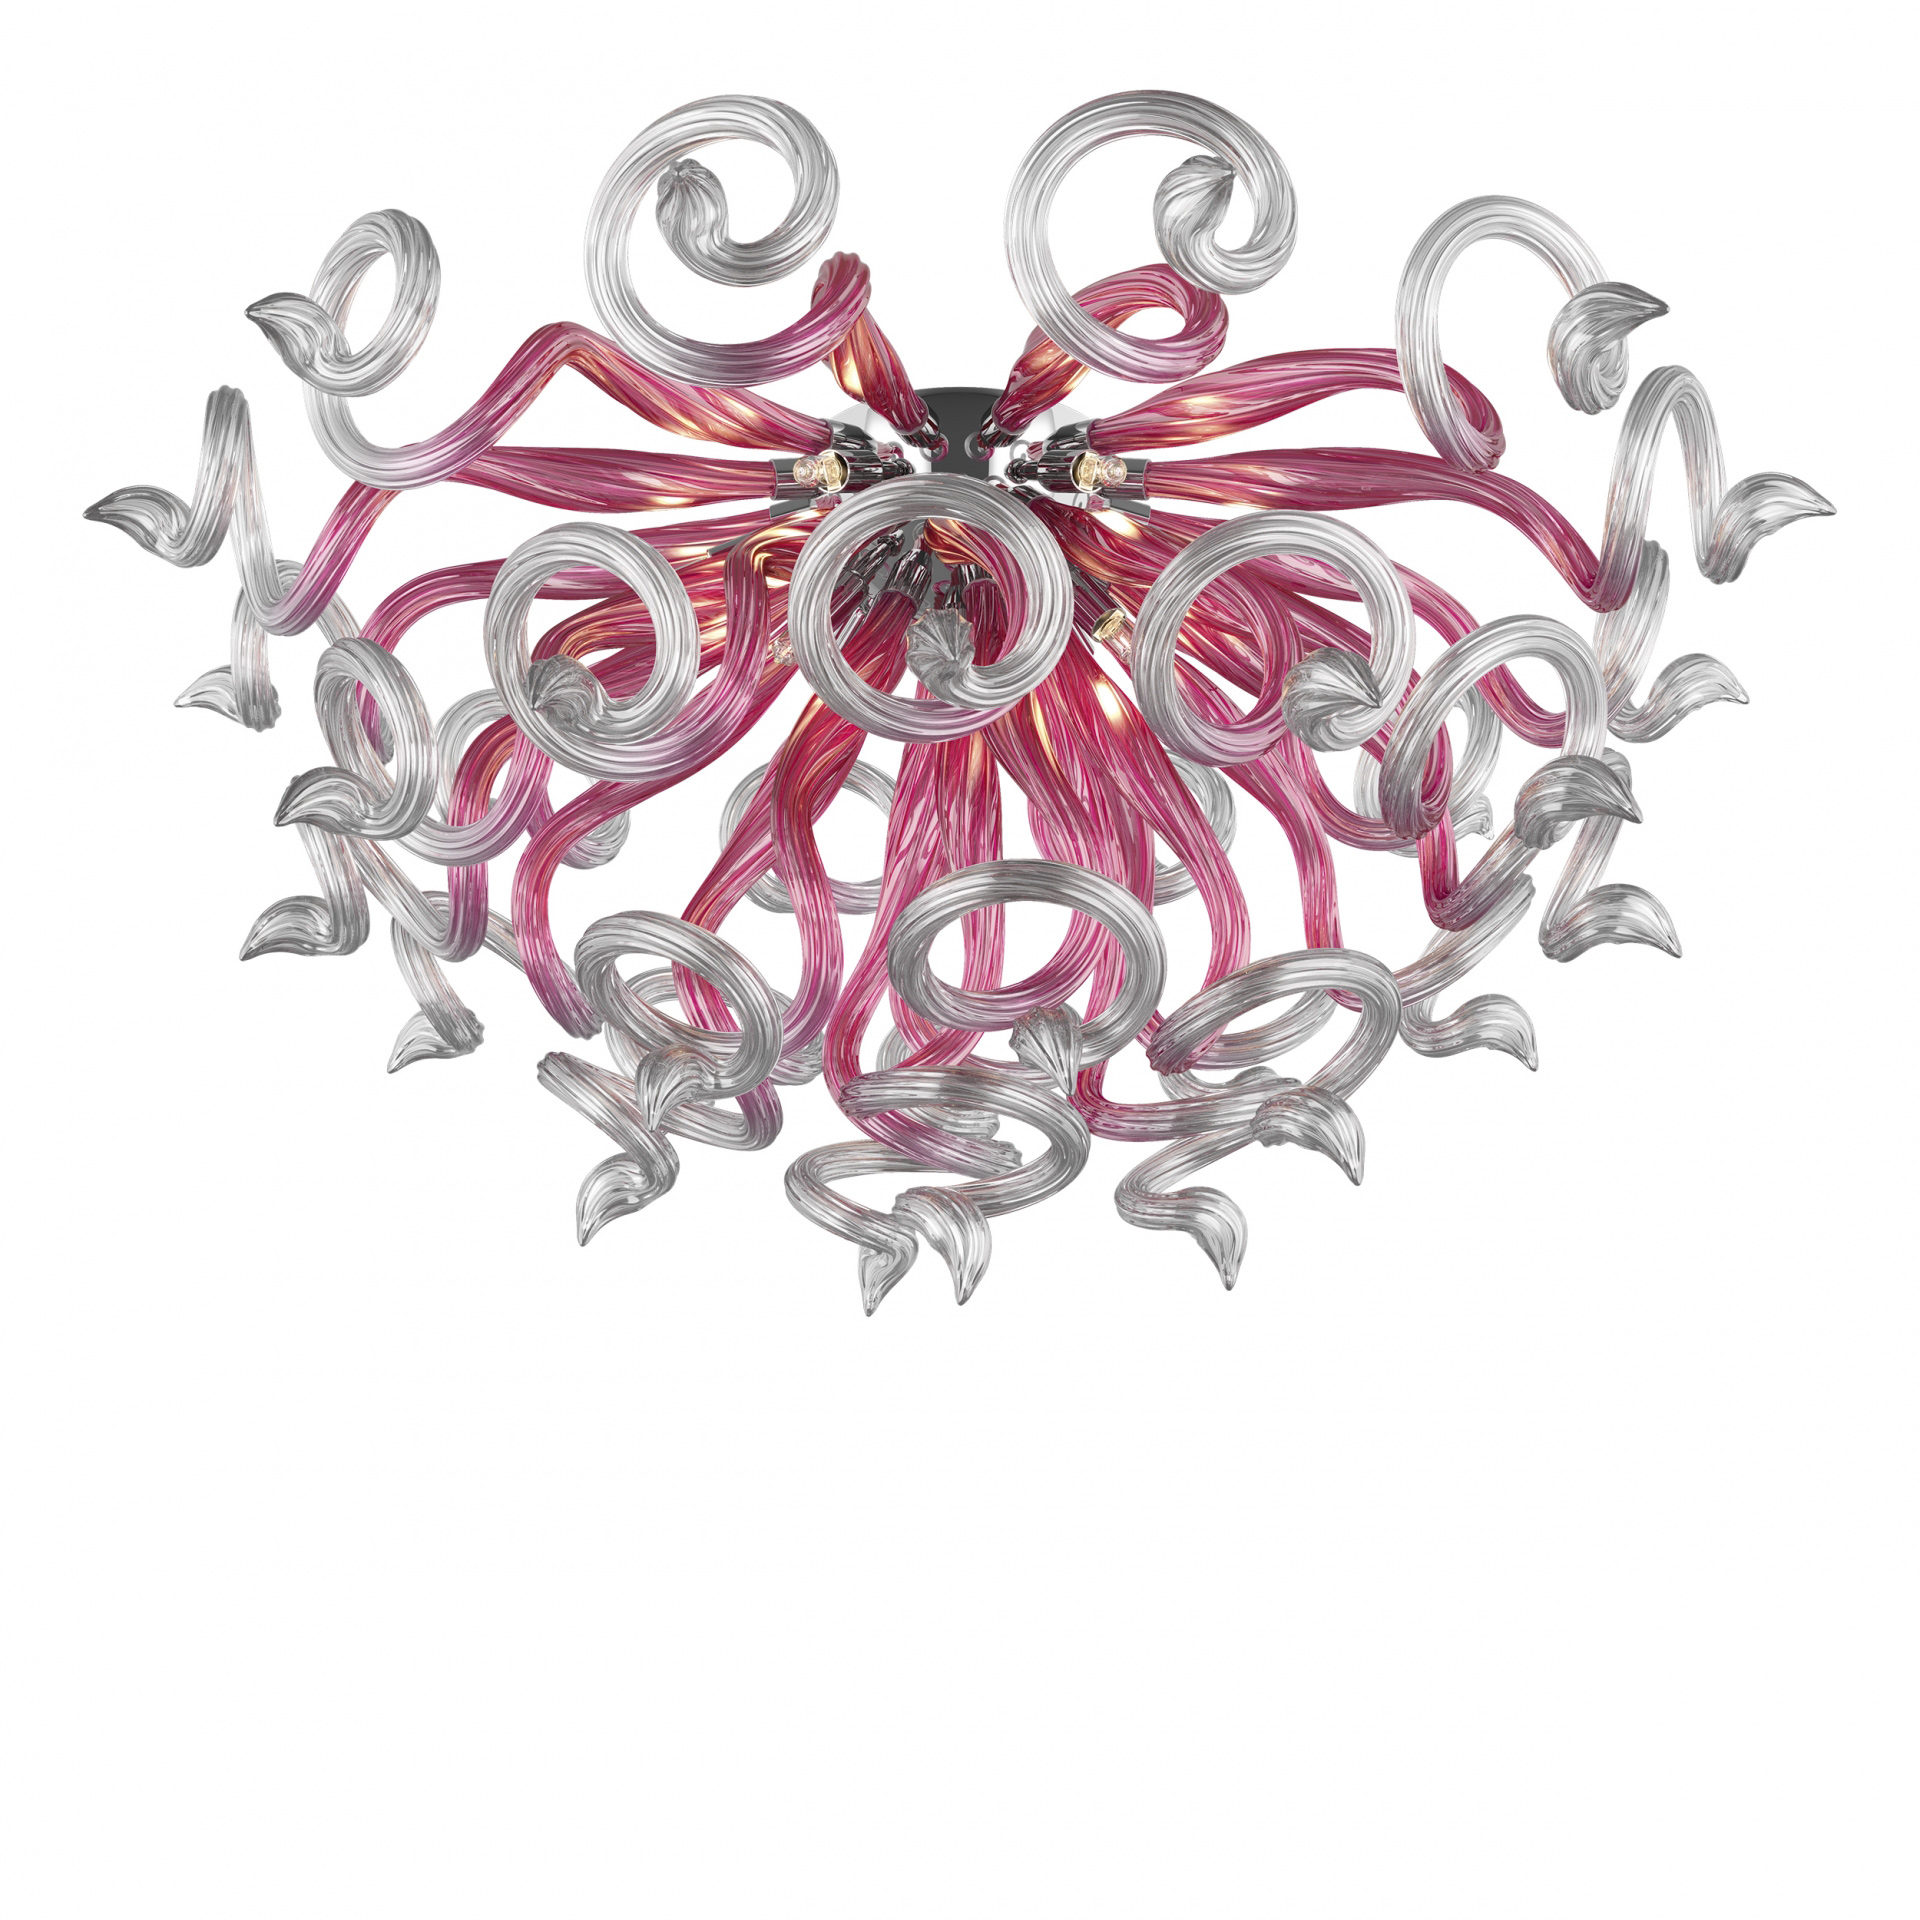 Люстра потолочная Medusa 9x40W G9 розовый / прозрачный Lightstar 890092, купить в СПб, Москве, с доставкой, Санкт-Петербург, интернет-магазин люстр и светильников Starlight, фото в жизни